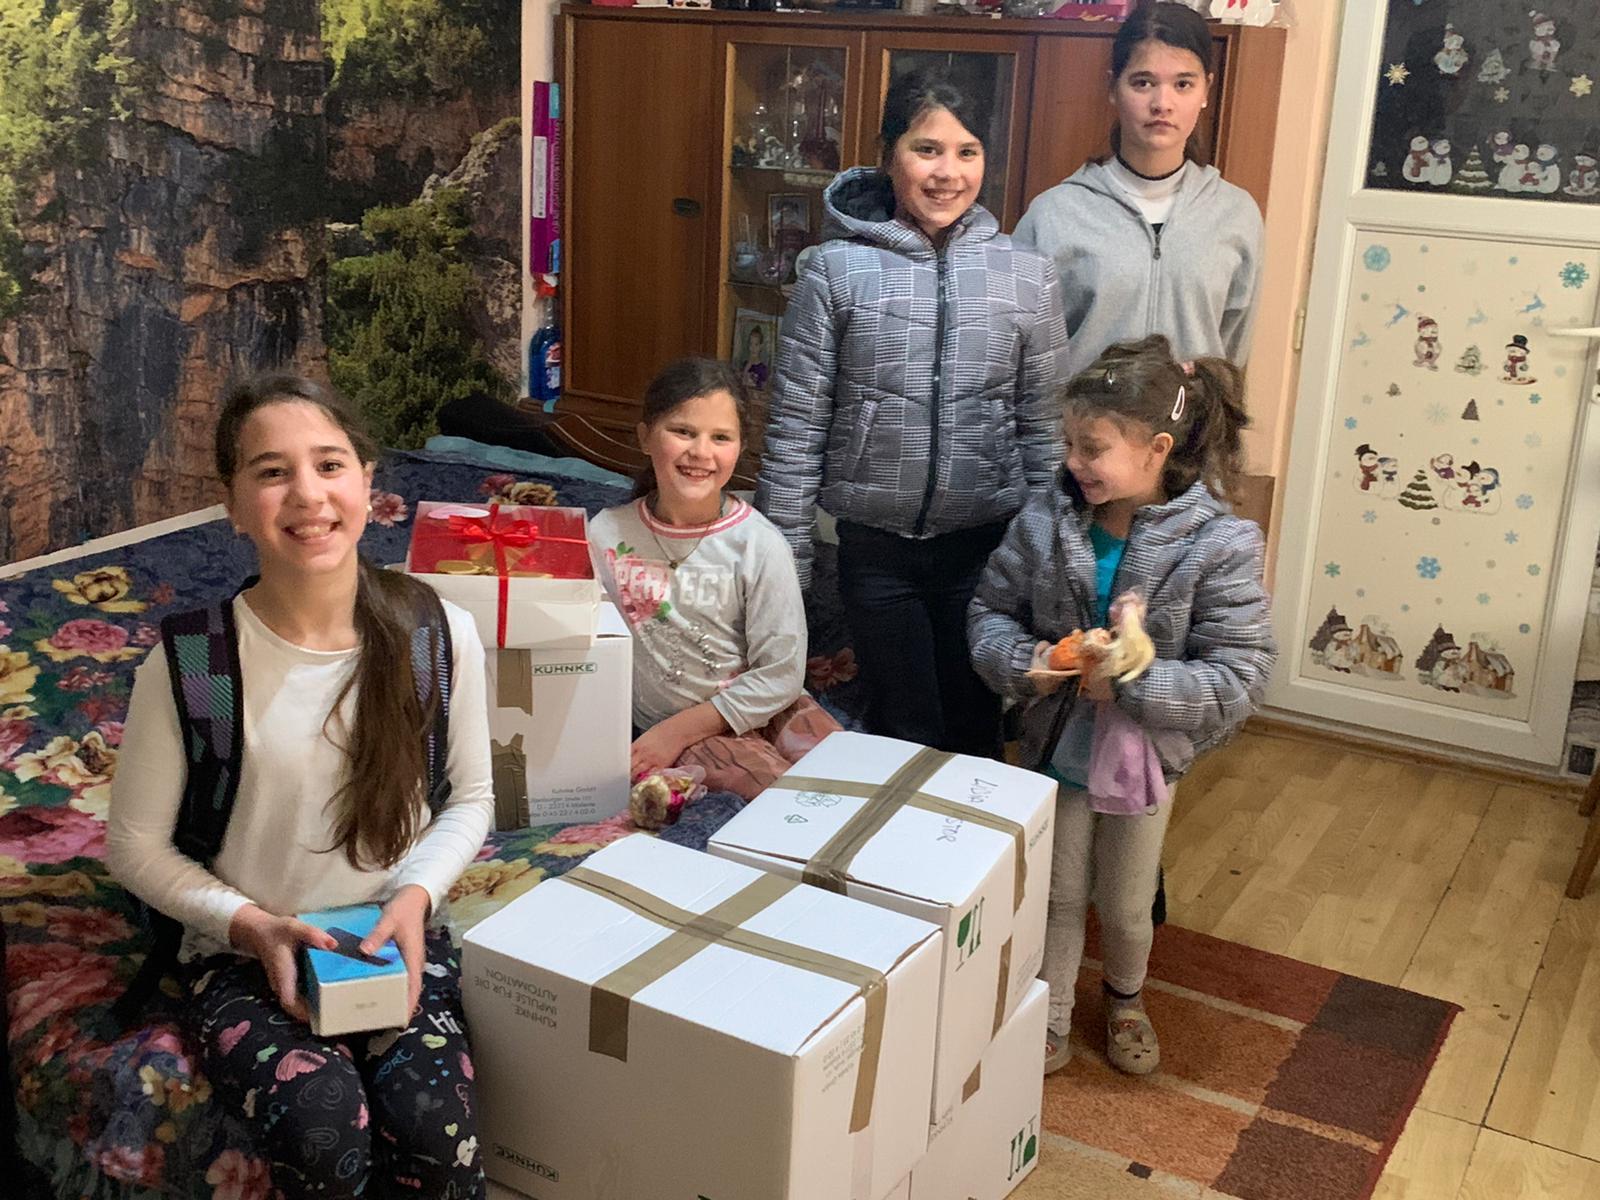 Teodora și Oana, elevele de la Brukenthal, au adus bucurie pe chipurile a 60 de copii. Am fost uimite câți oameni au avut încredere în noi